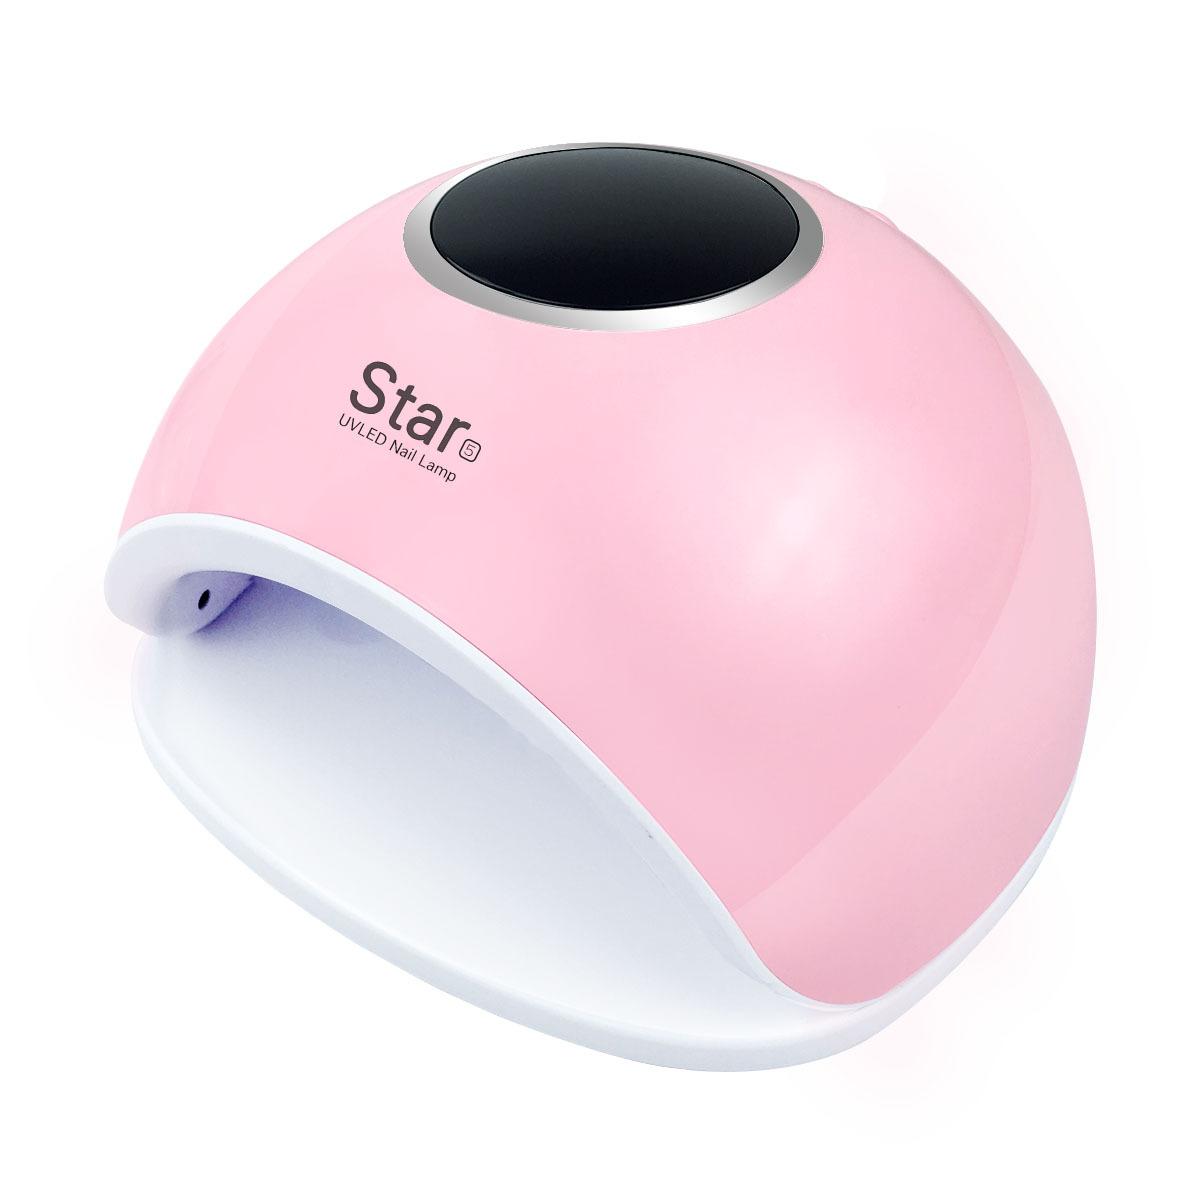 YUJIA Máy sấy, tạo dang tóc Bán hàng trực tiếp ban đầu Star5 72w máy cảm ứng móng thông minh